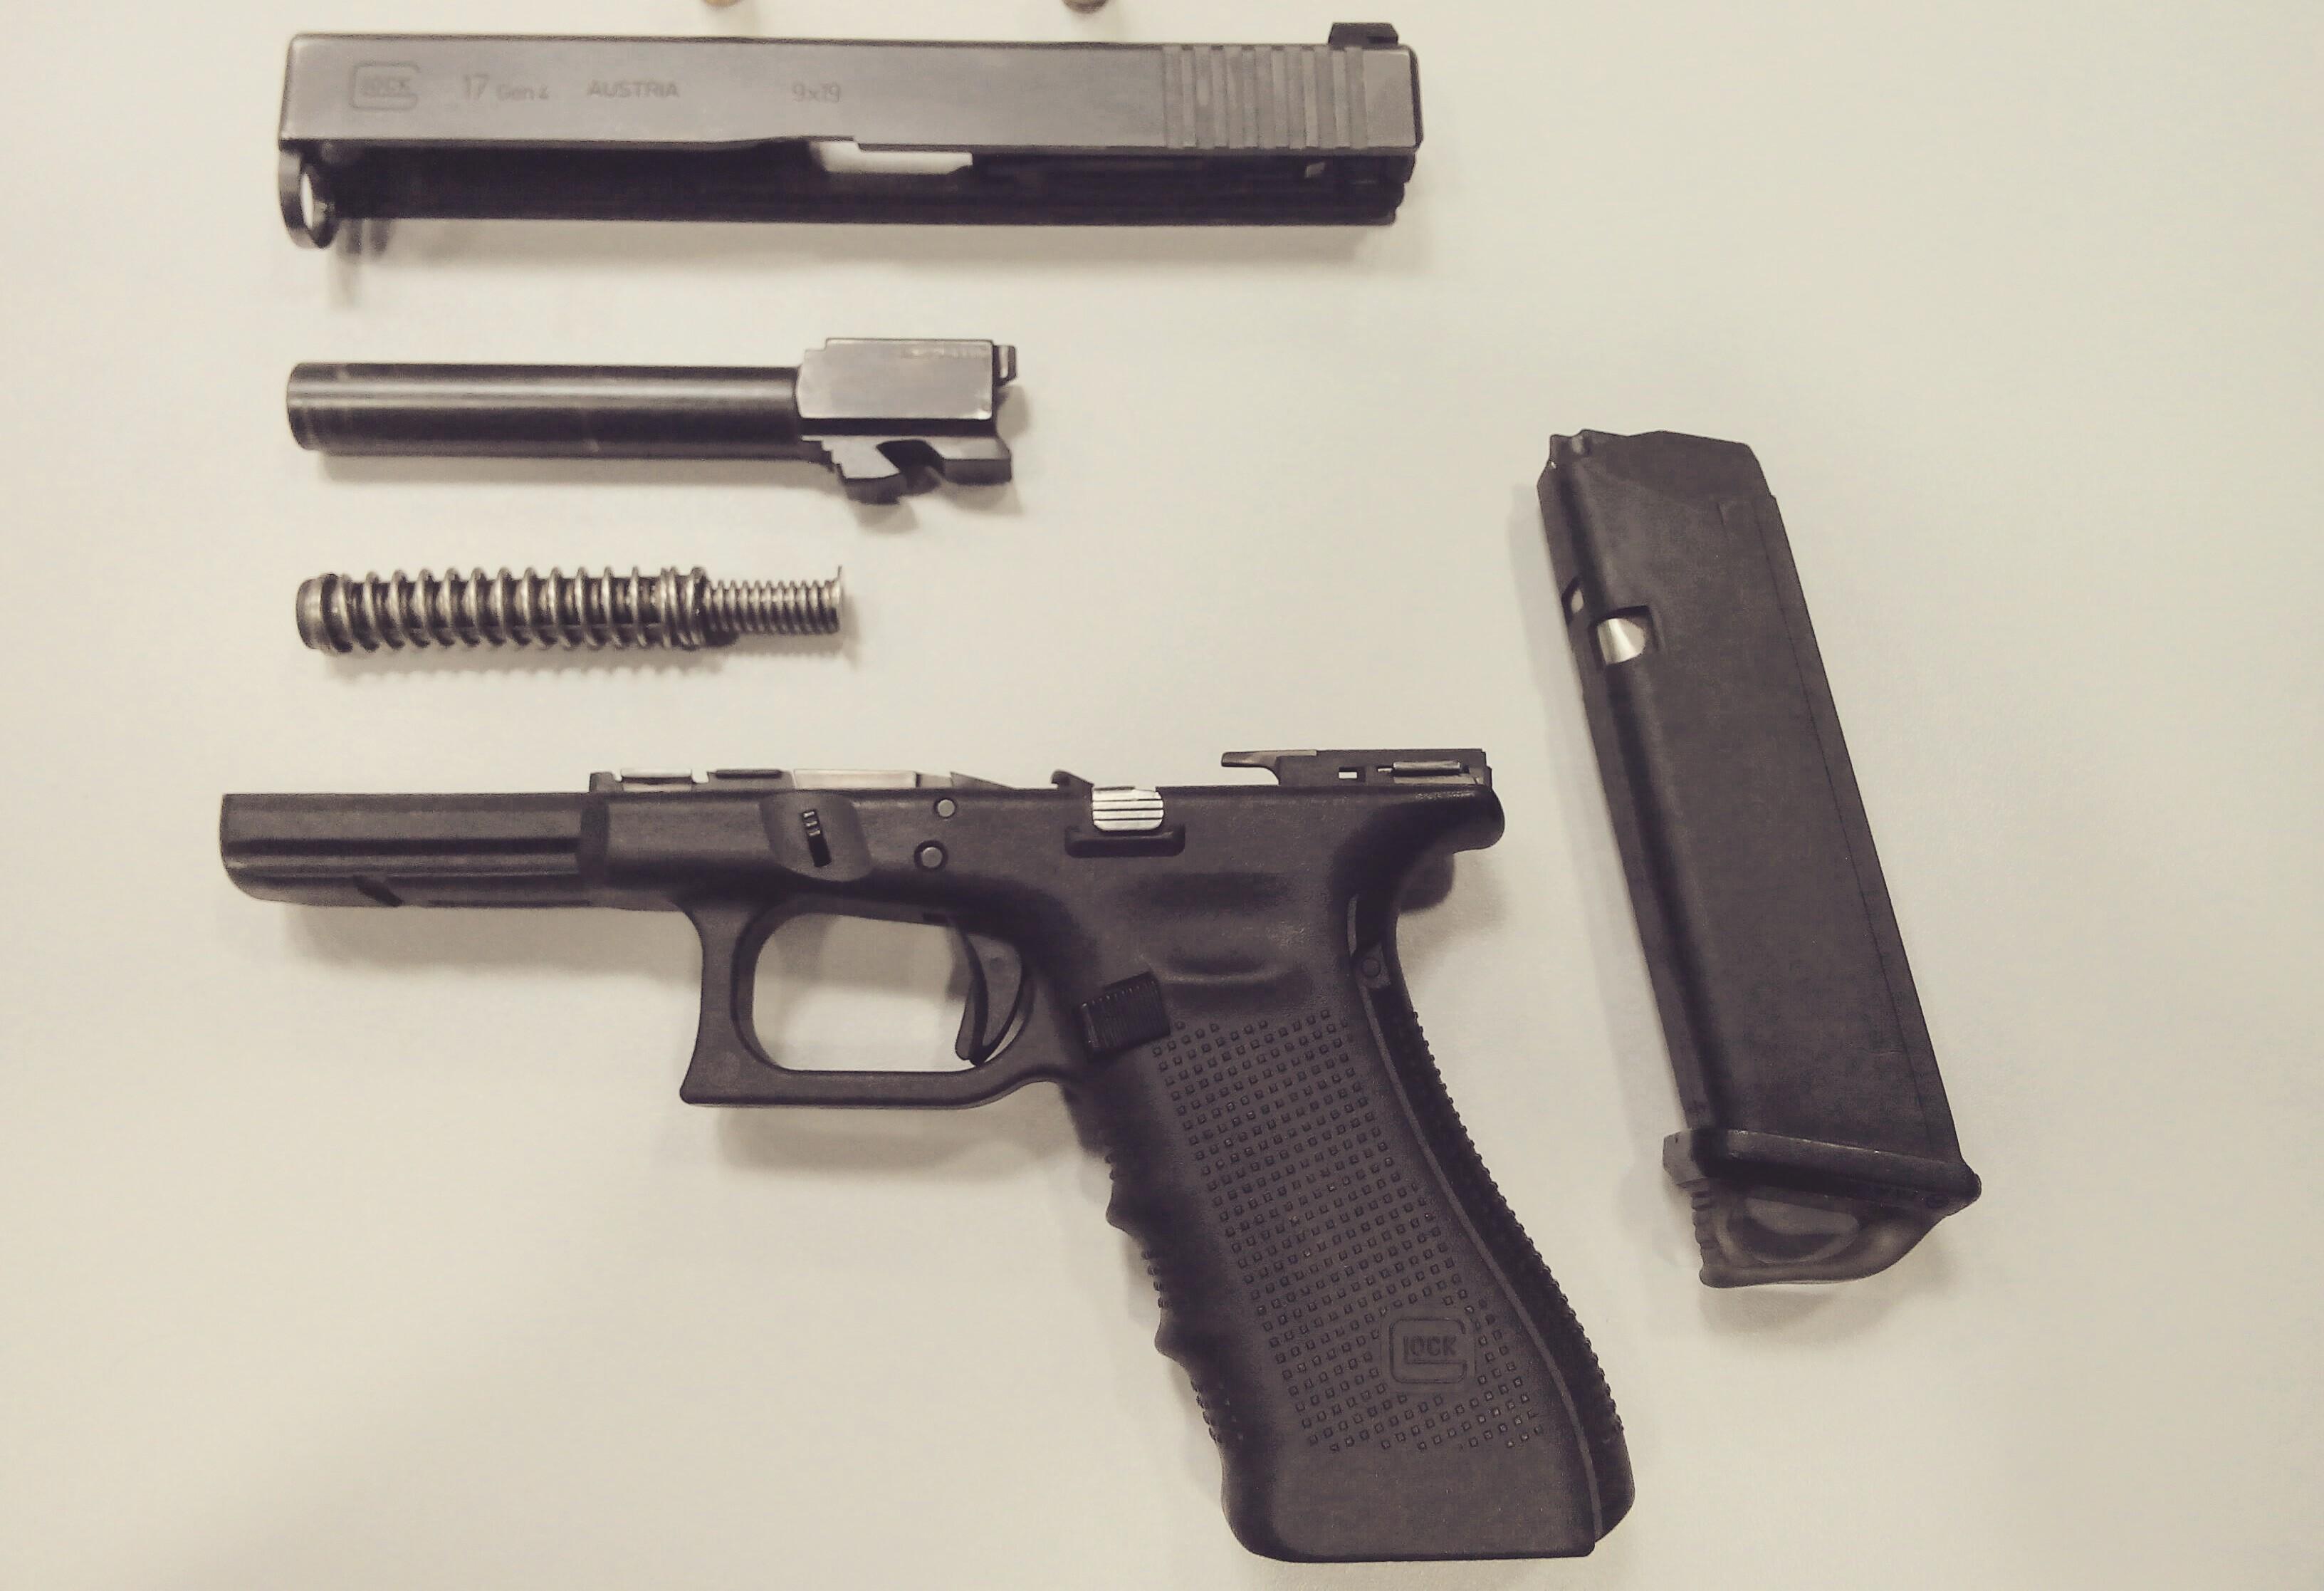 Pistolet - Strzelnica Colt Łódź